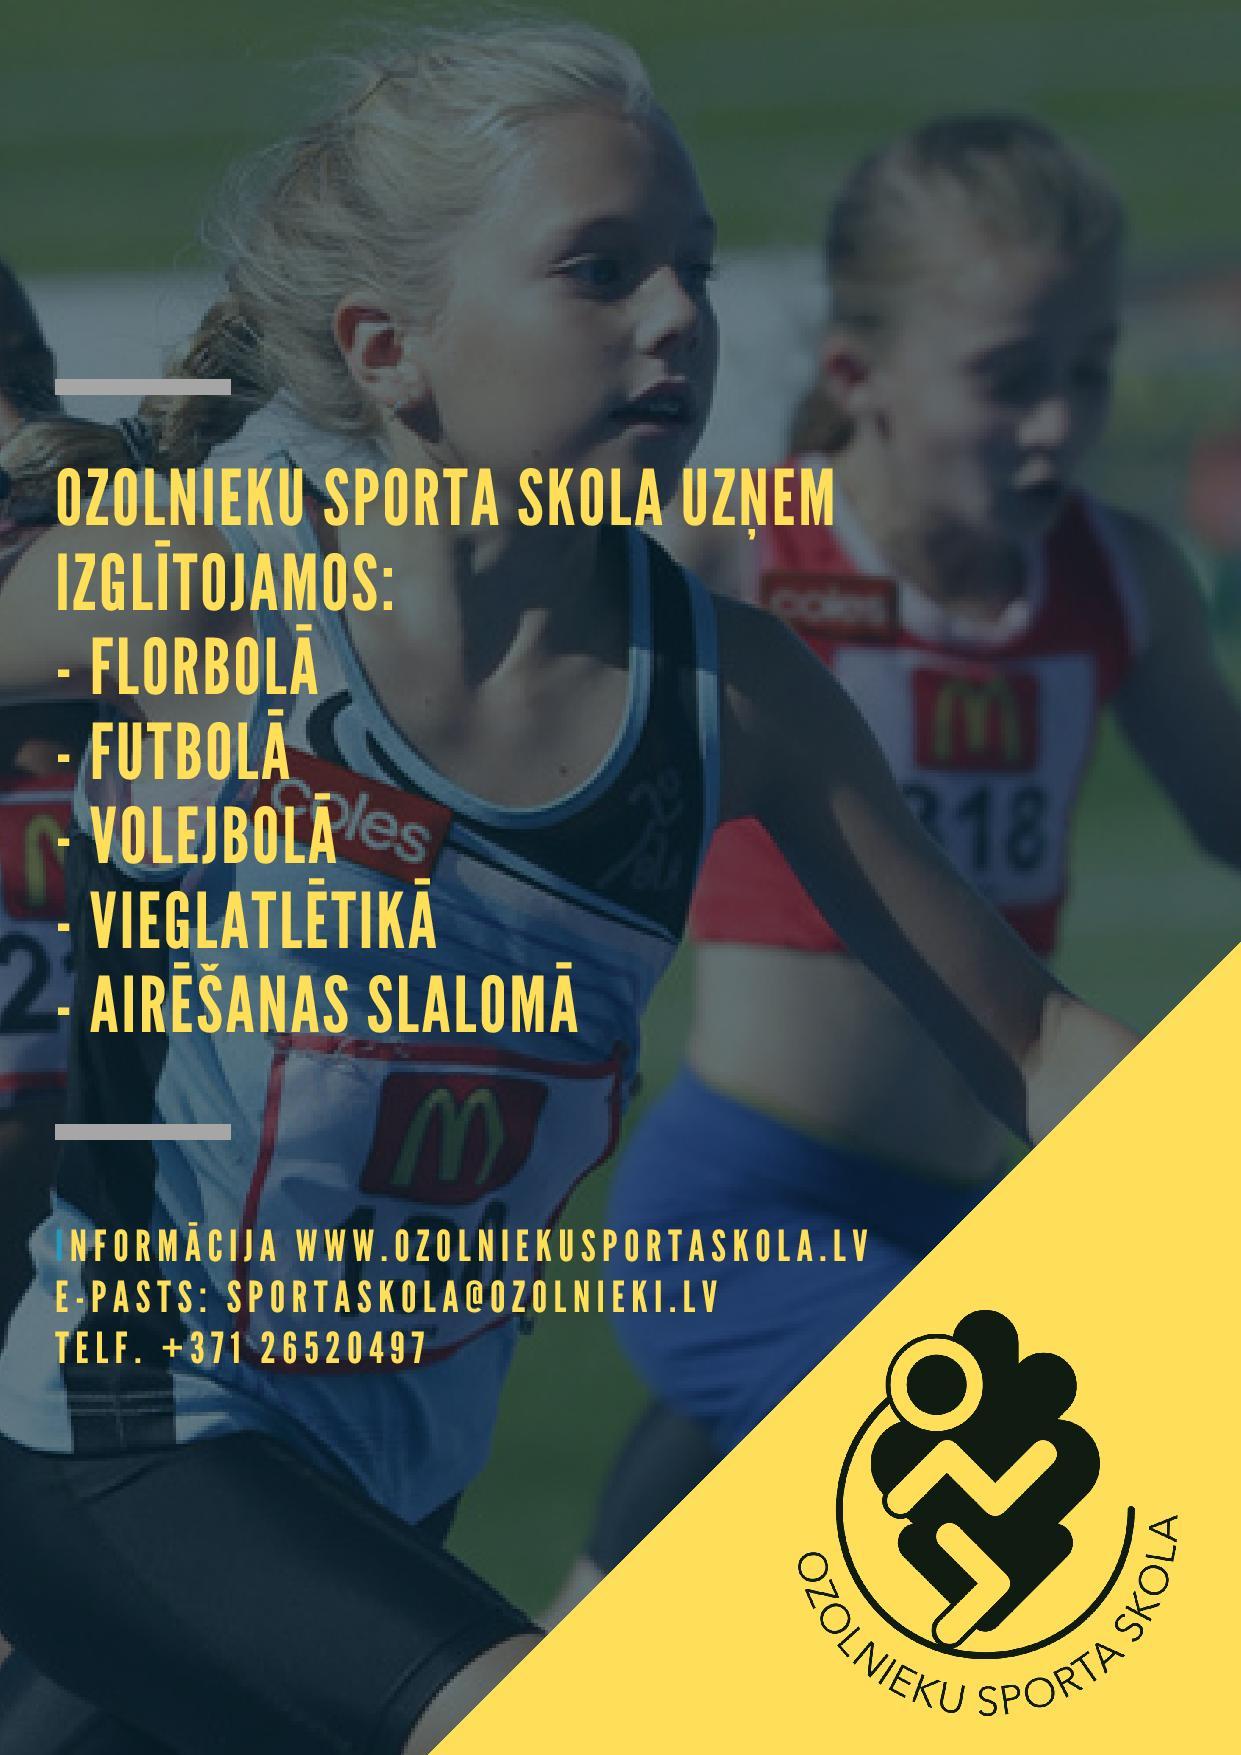 Ozolnieku Sporta skola augustā uzsāks izglītojamo uzņemšanu 2019/2020 mācību gadam